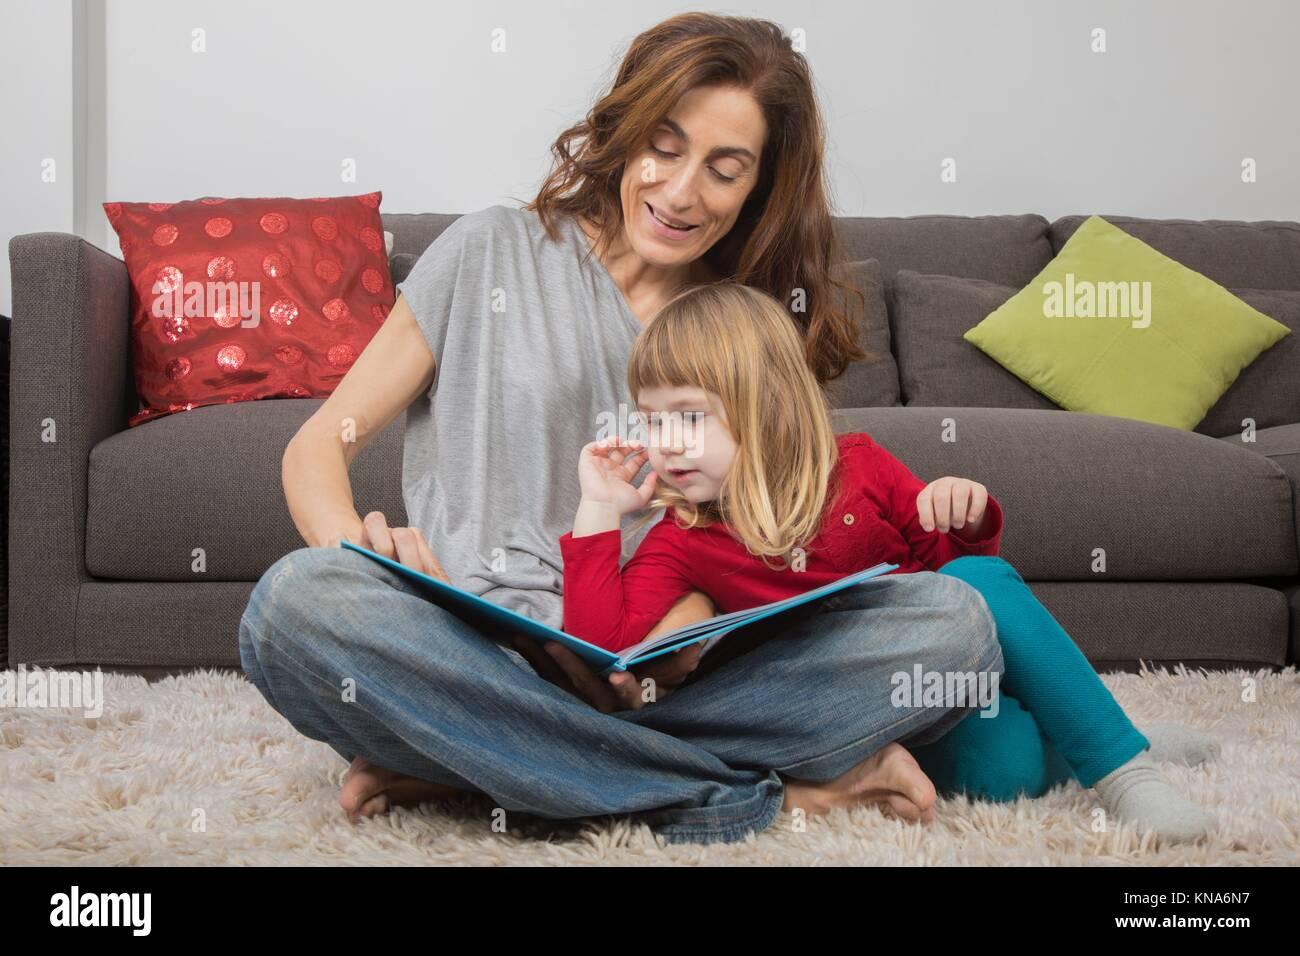 L'enfant blonde de trois ans, avec des vêtements rouges et verts, se penchant sur la femme en jeans, lire ensemble un livre de conte de l'histoire, assis sur un tapis Banque D'Images